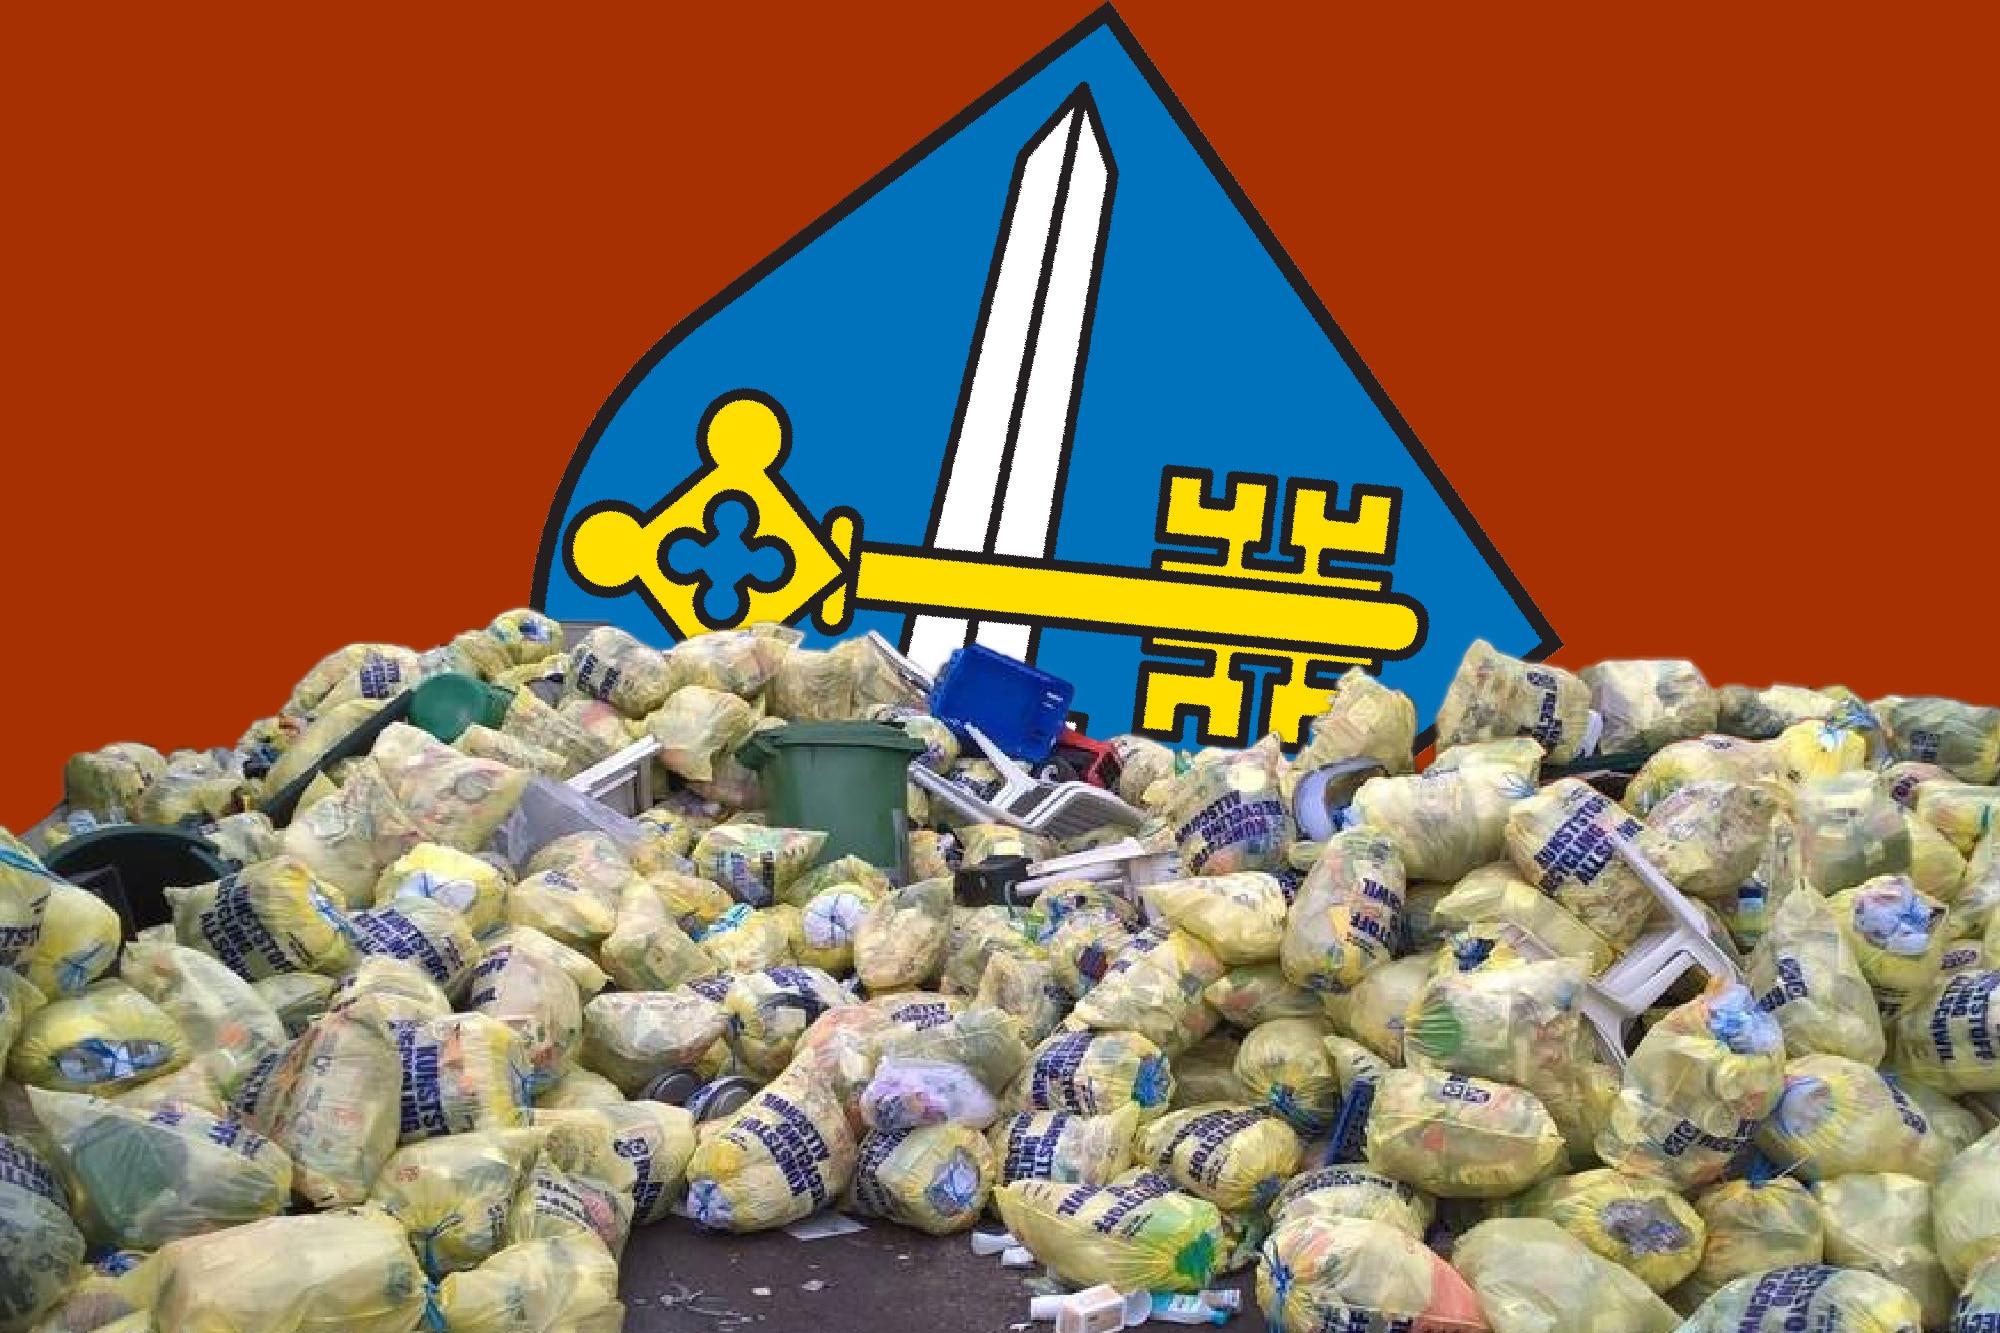 Allschwil sammelt Plastik. Das lohne sich nicht, sagt das Bundesamt für Umwelt.